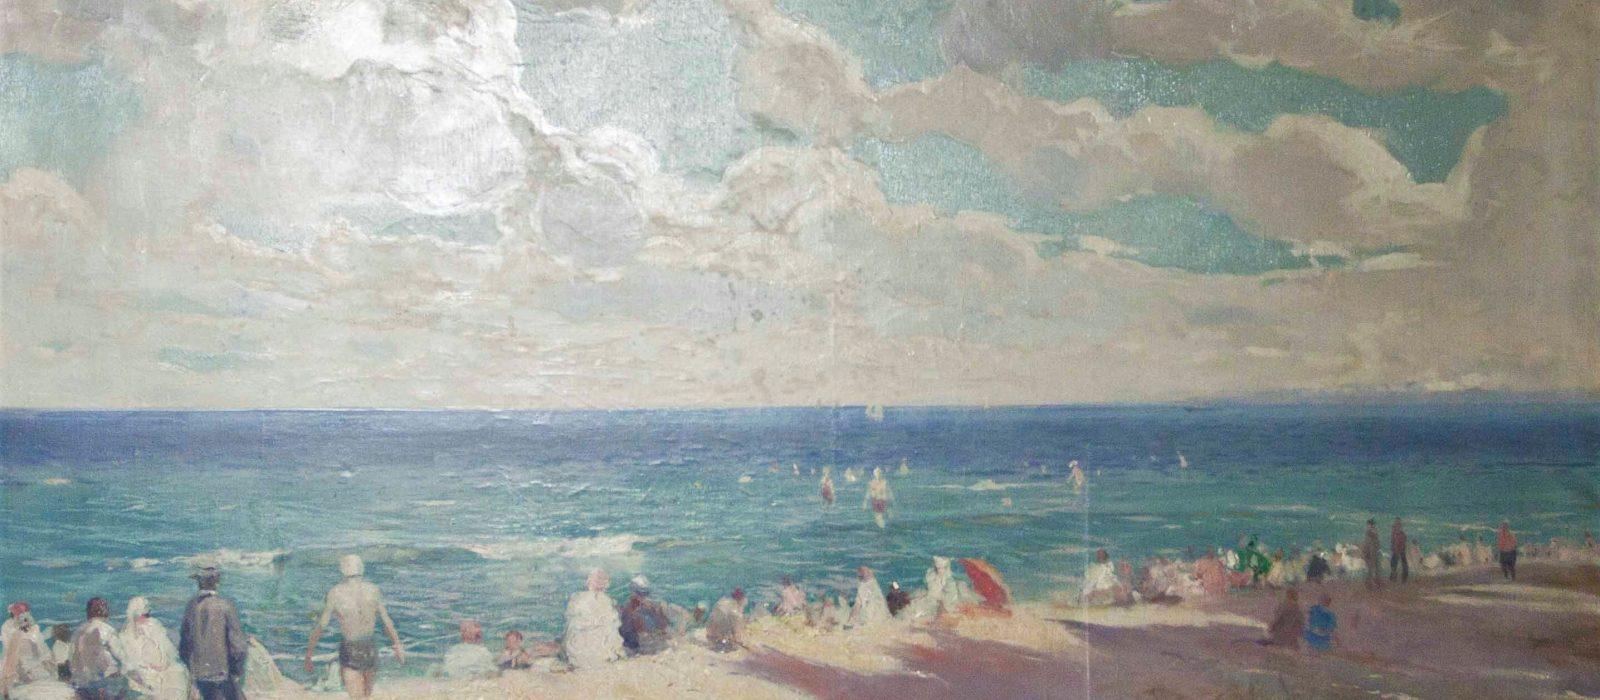 Obraz przedstawiający niebo, morze i plażę. Na brzegu oraz w wodzie znajdują się siedzacy ludzie.